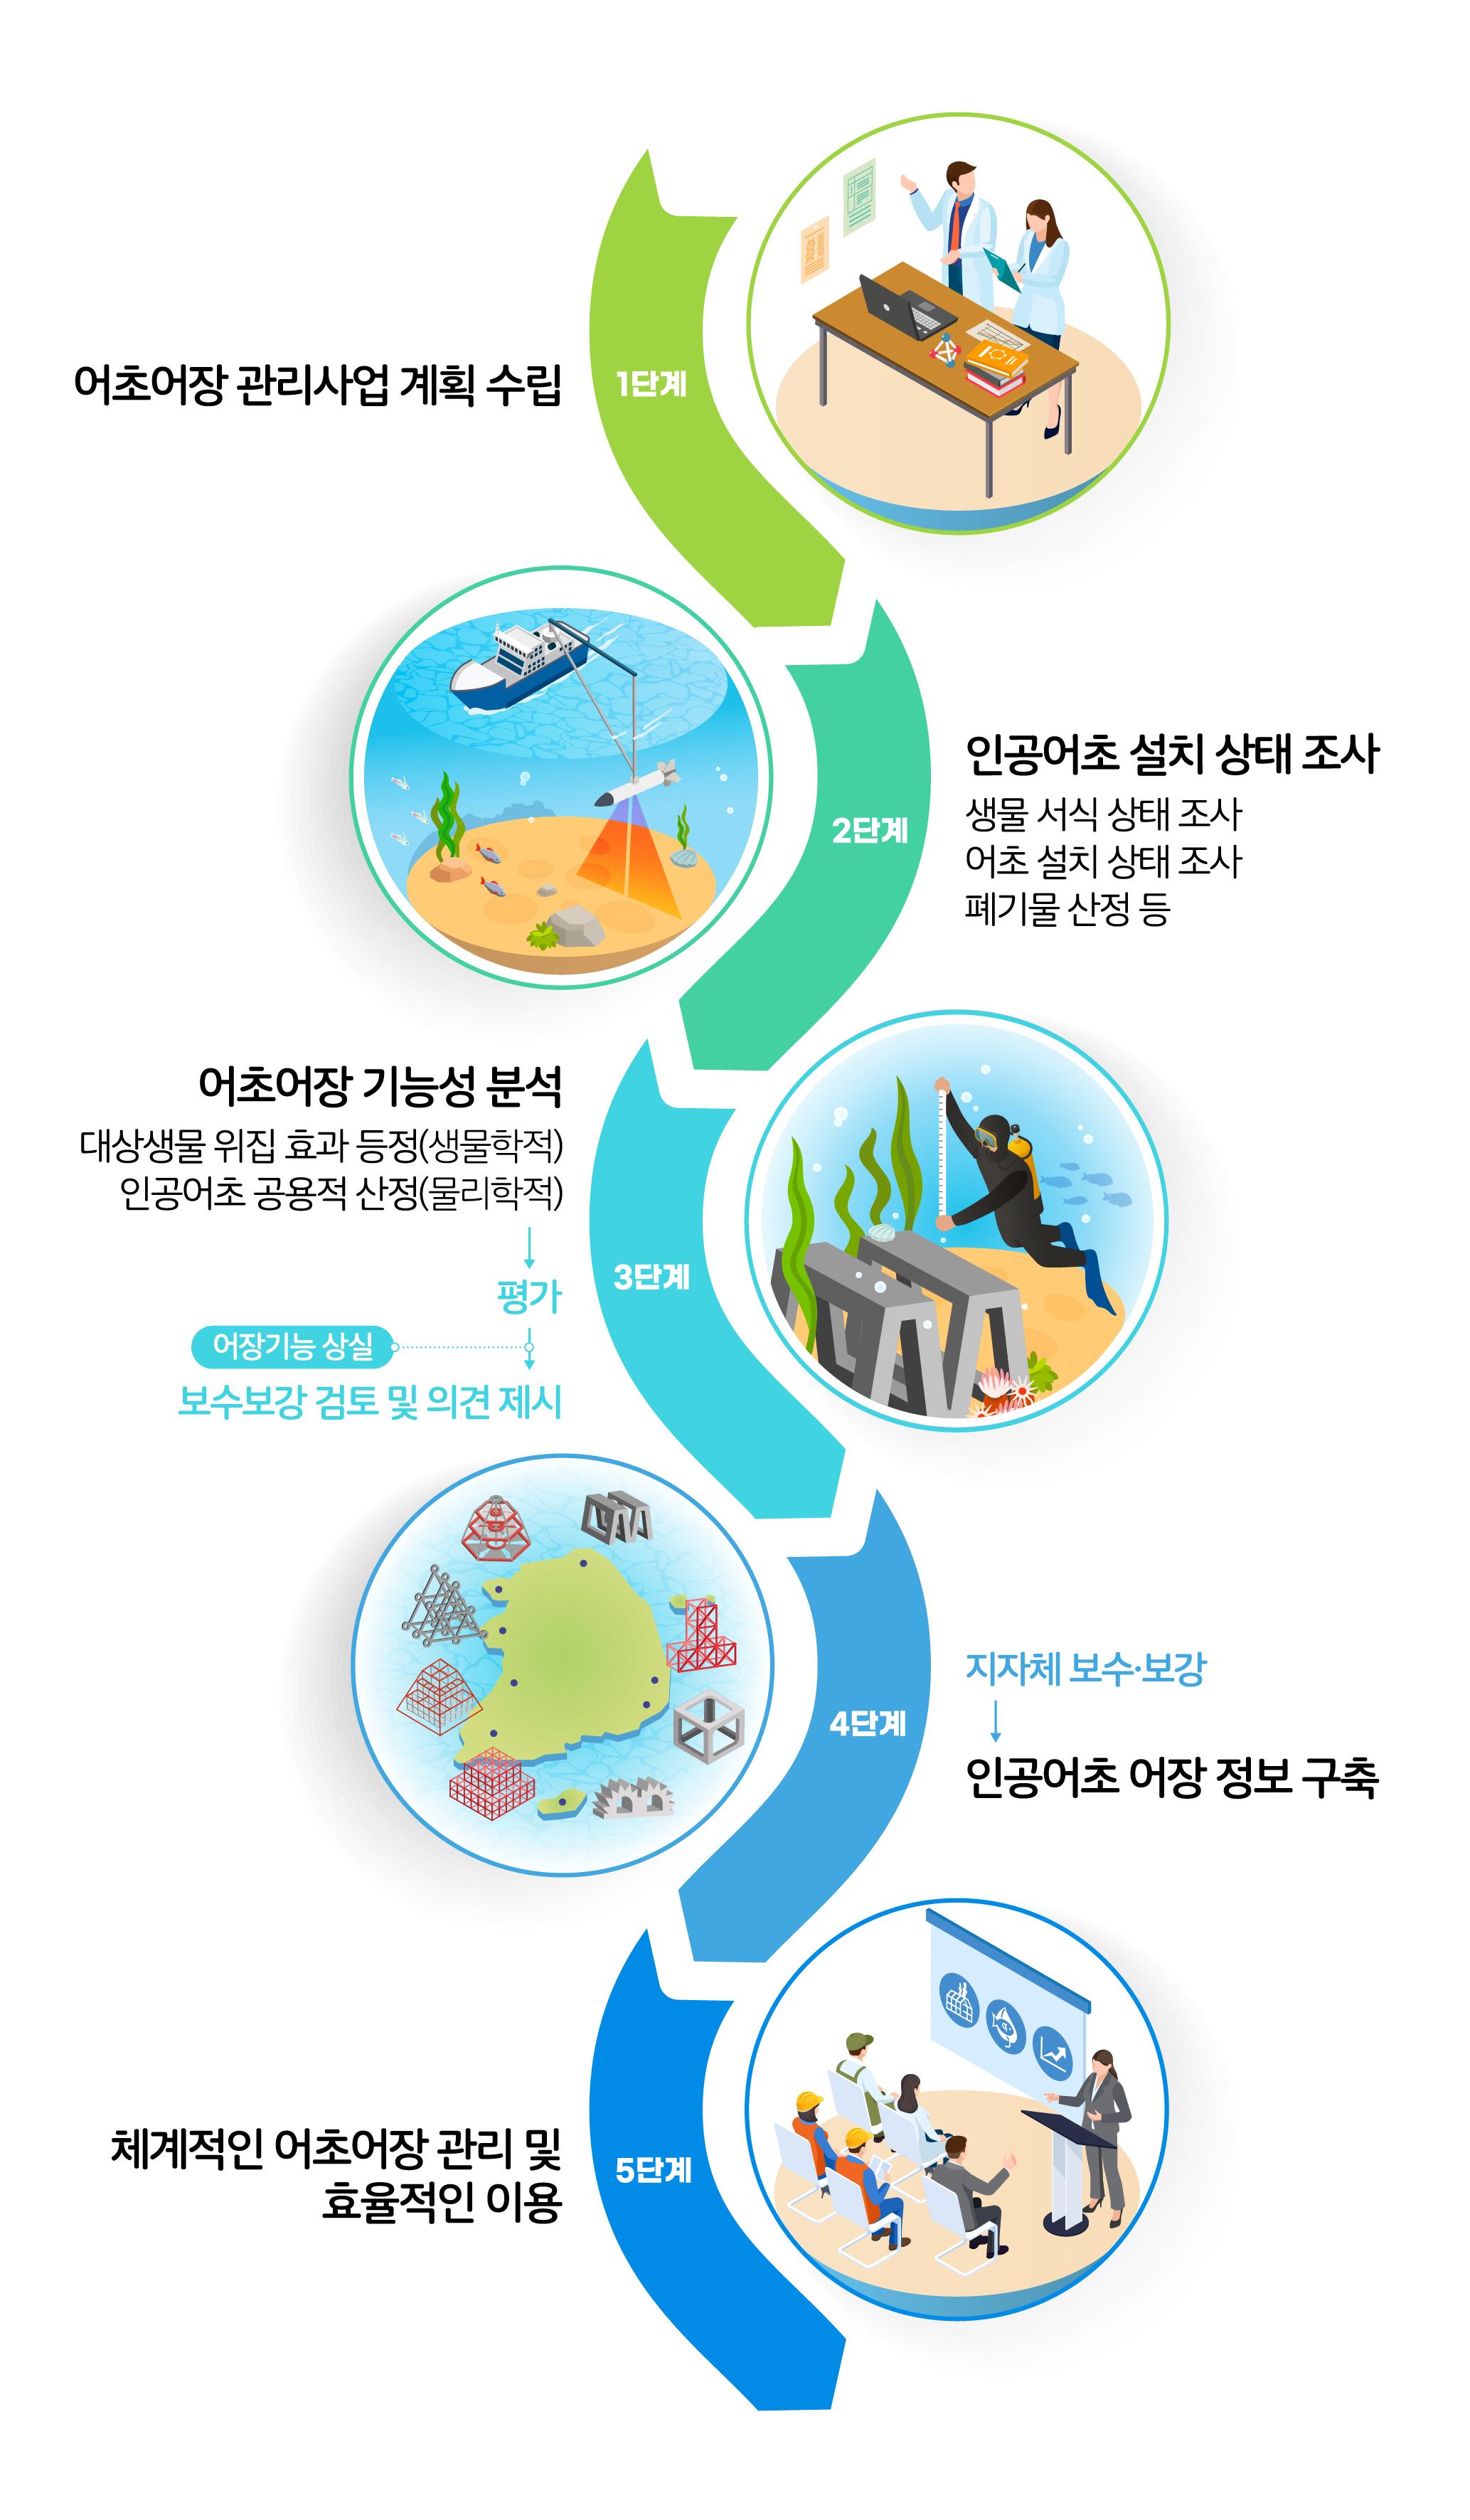 체계적인 어초어장 관리 및 효율적인 이용 1~4단계 1단계 : 어초어장 관리사업 계획수립 → 한국수산자원관리공단 : 위치, 수심, 상태, 폐기물 산정 등 2단계 : 폐기물 수거작업 : 어초에 걸린 폐기물 제거 3단계 : 어초어장 기능성 조사 및 분석 : 어초에 걸린 폐기물 제거 → 평가 (어장 기능 상실의 경우, 보수보강 검토 및 의견제시) 4단계 : 지자체 보수, 보강을 통해 어초어장 정보 DB 구축 : 어초에 걸린 폐기물 제거 → 수산자원정보화 시스템 : 어업인및 시·군 활용